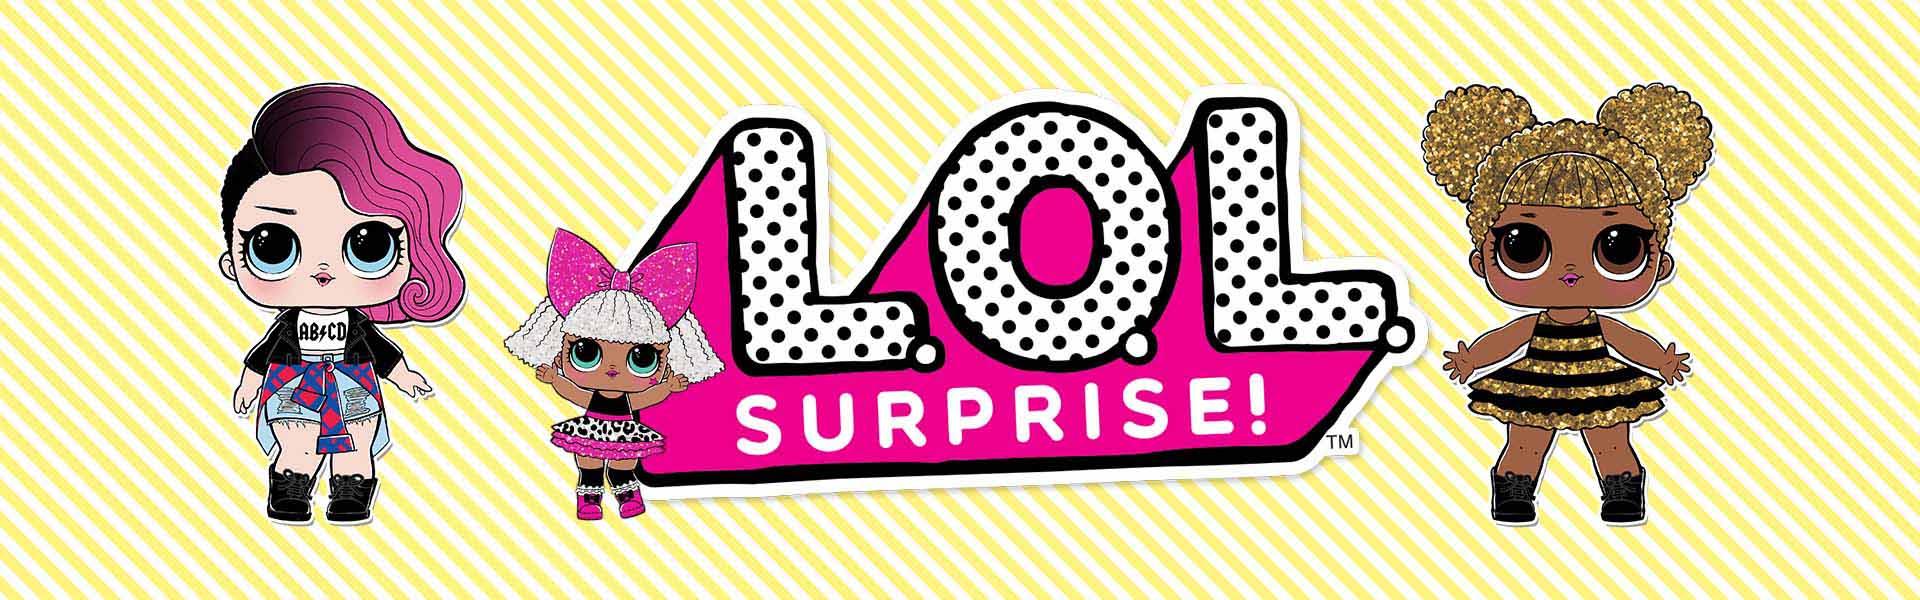 Kartoninė dėžutė su rankenėle L.O.L. Surprise                             L.O.L.